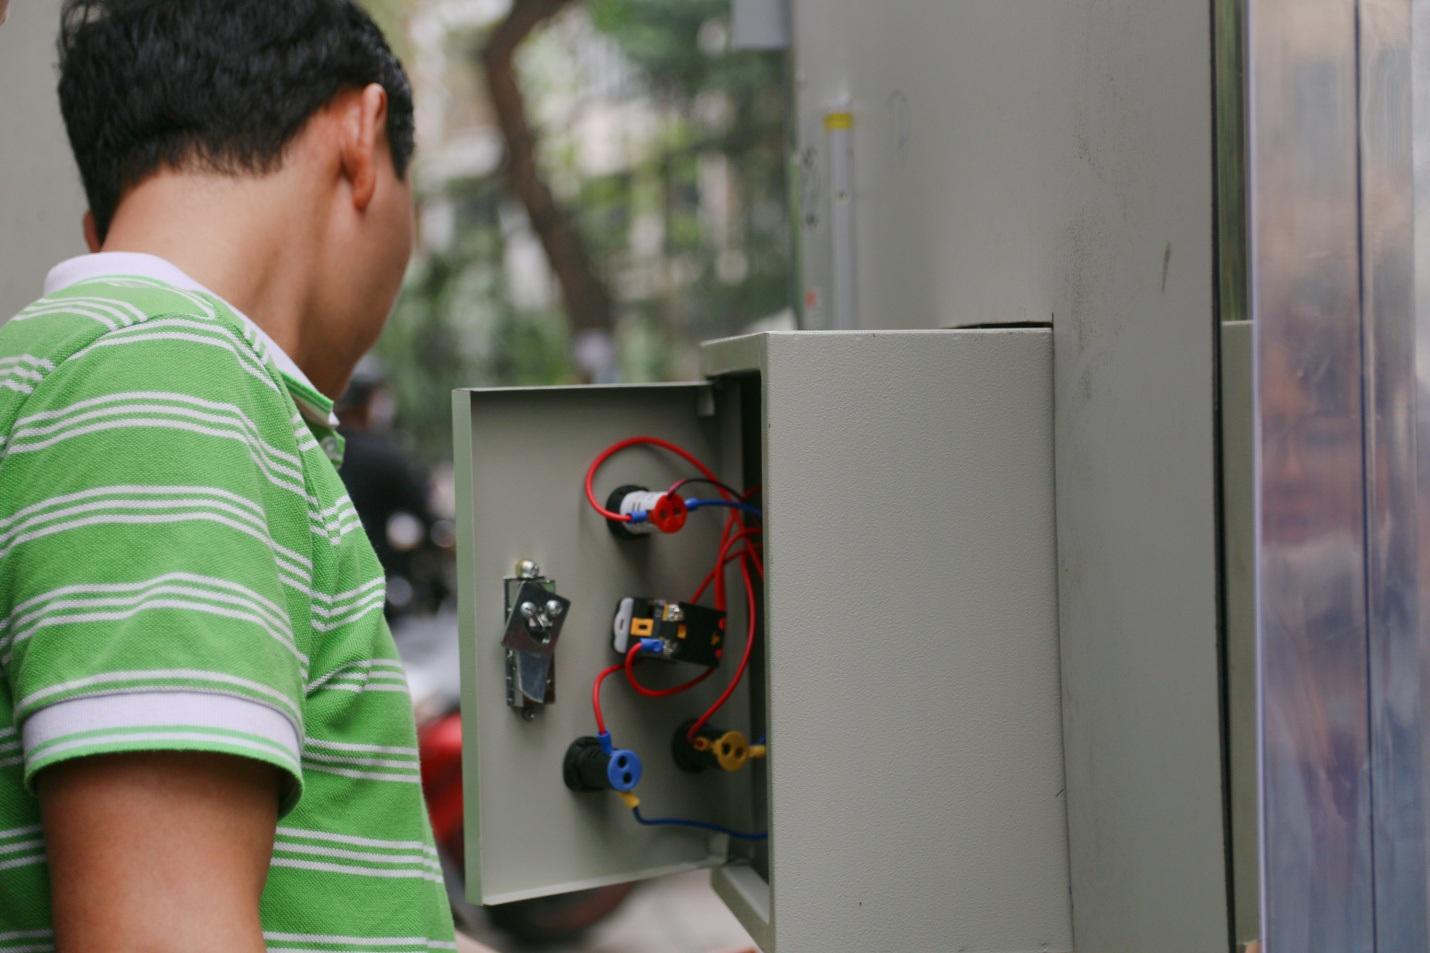 Sản phẩm hoàn toàn do người Việt chế tạo từ 100% các nguyên vật liệu trong nước, với chi phí thấp.